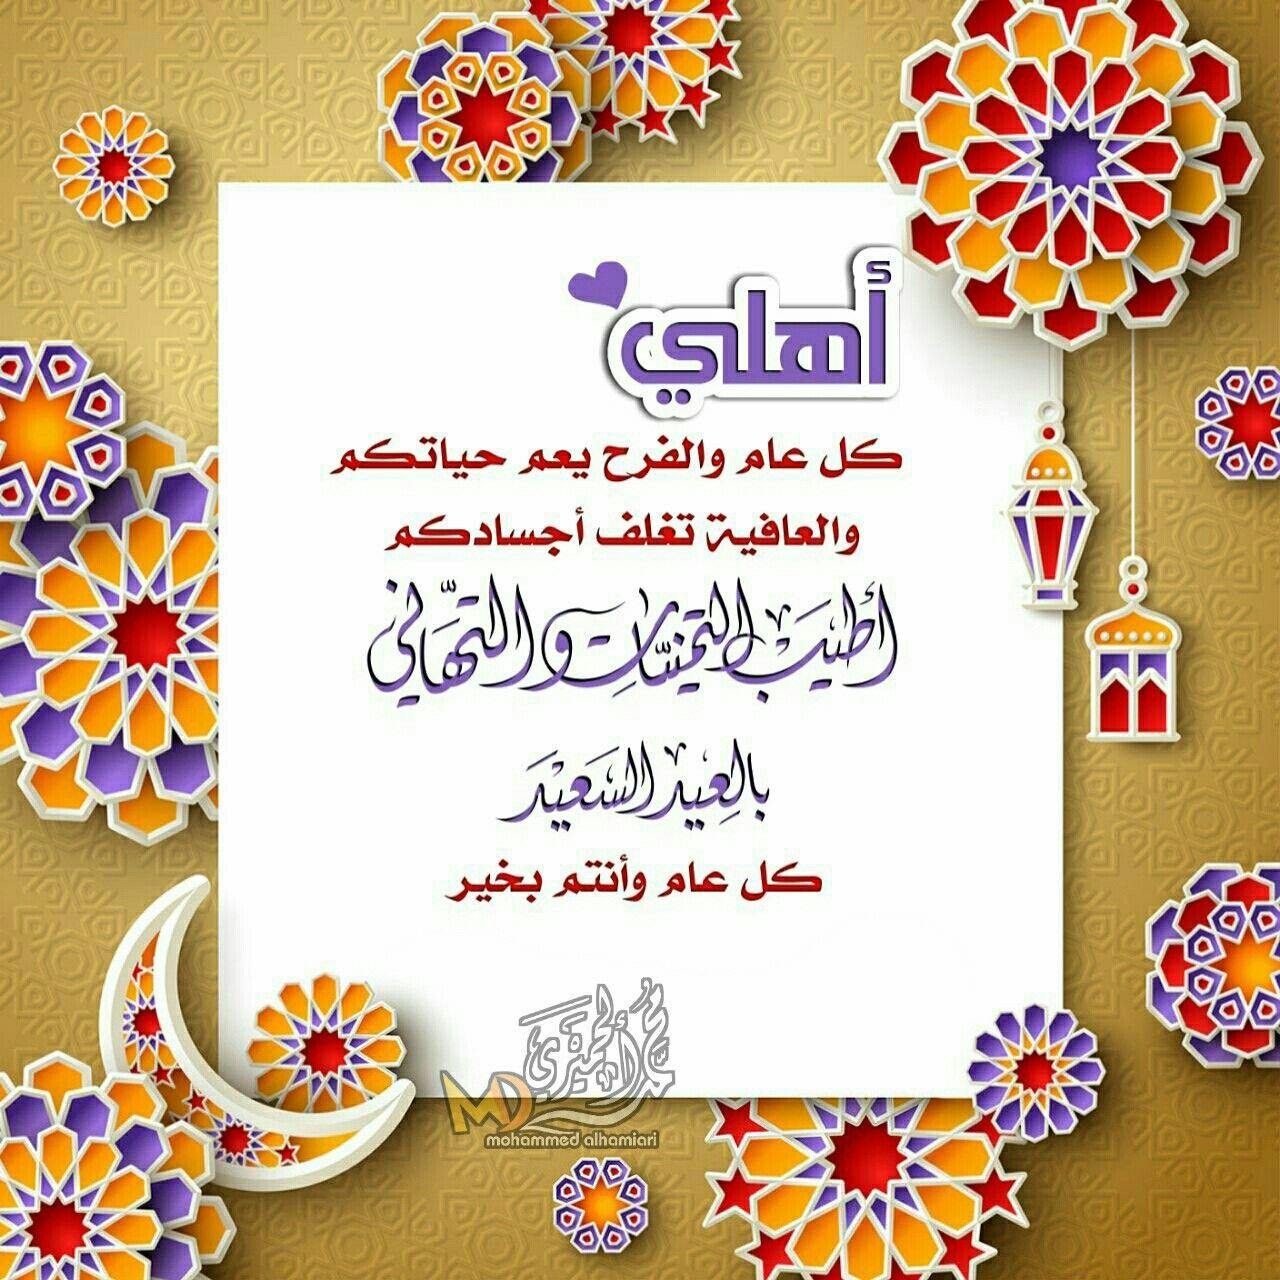 تهاني العيد Eid Cards Eid Mubarek Eid Mubarak